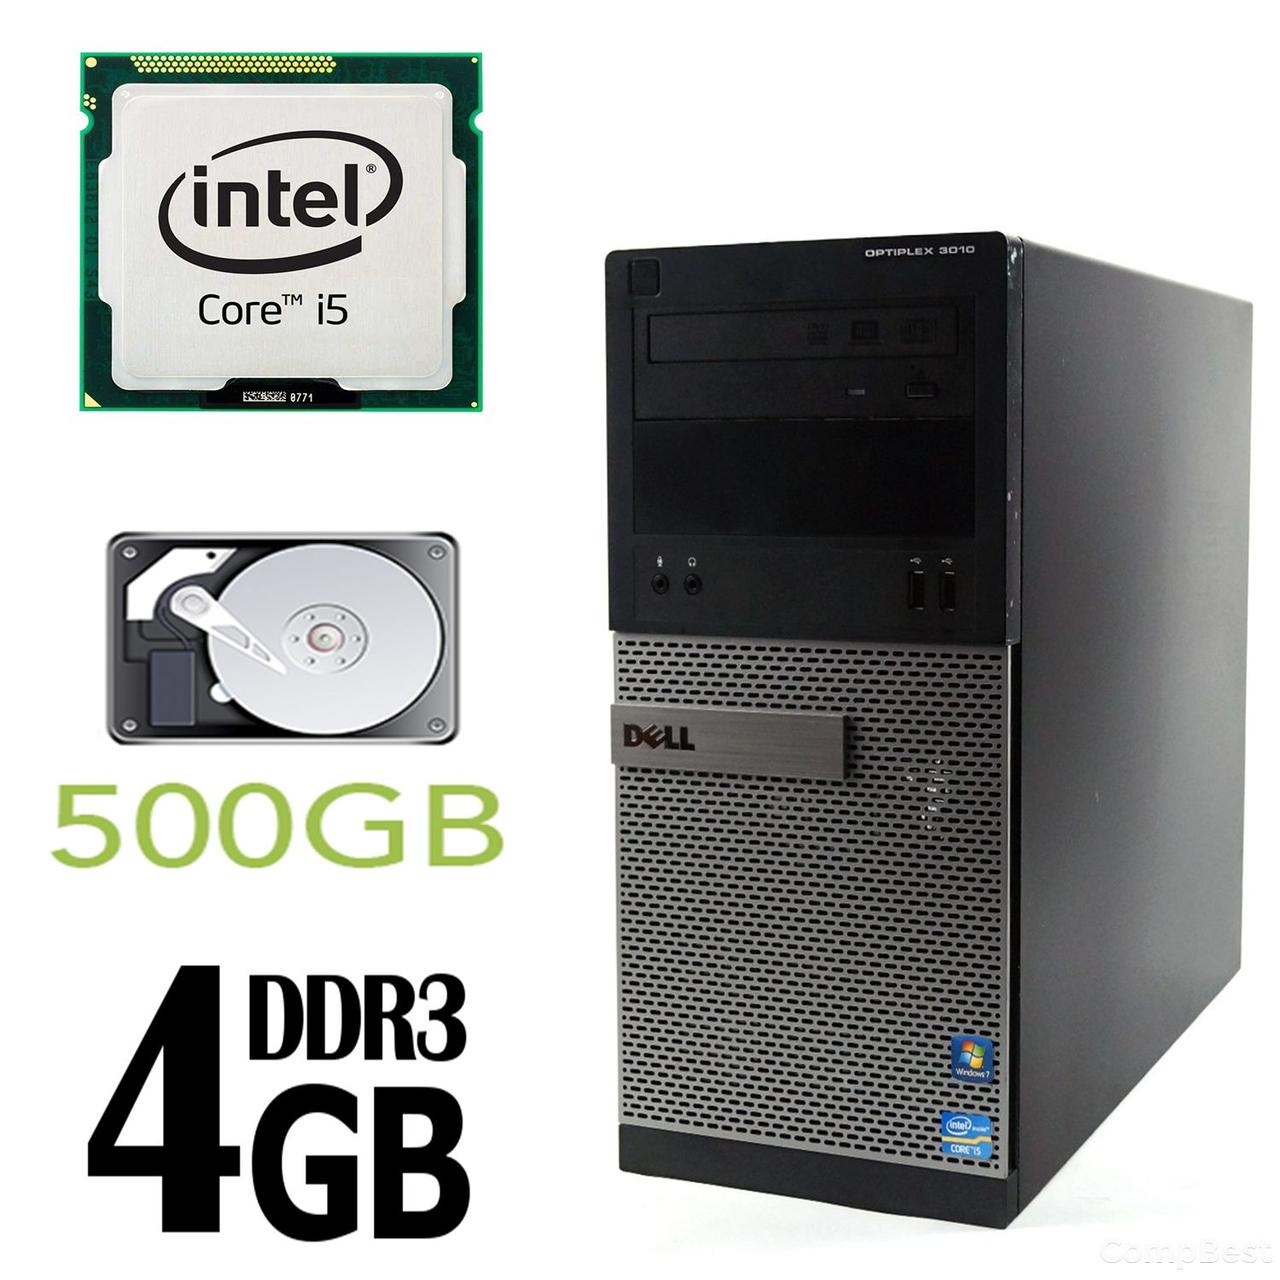 DELL 3010 Tower / Intel Core i5-3470 (4 ядра по 3.2GHz) / 4GB DDR3 / 500GB HDD